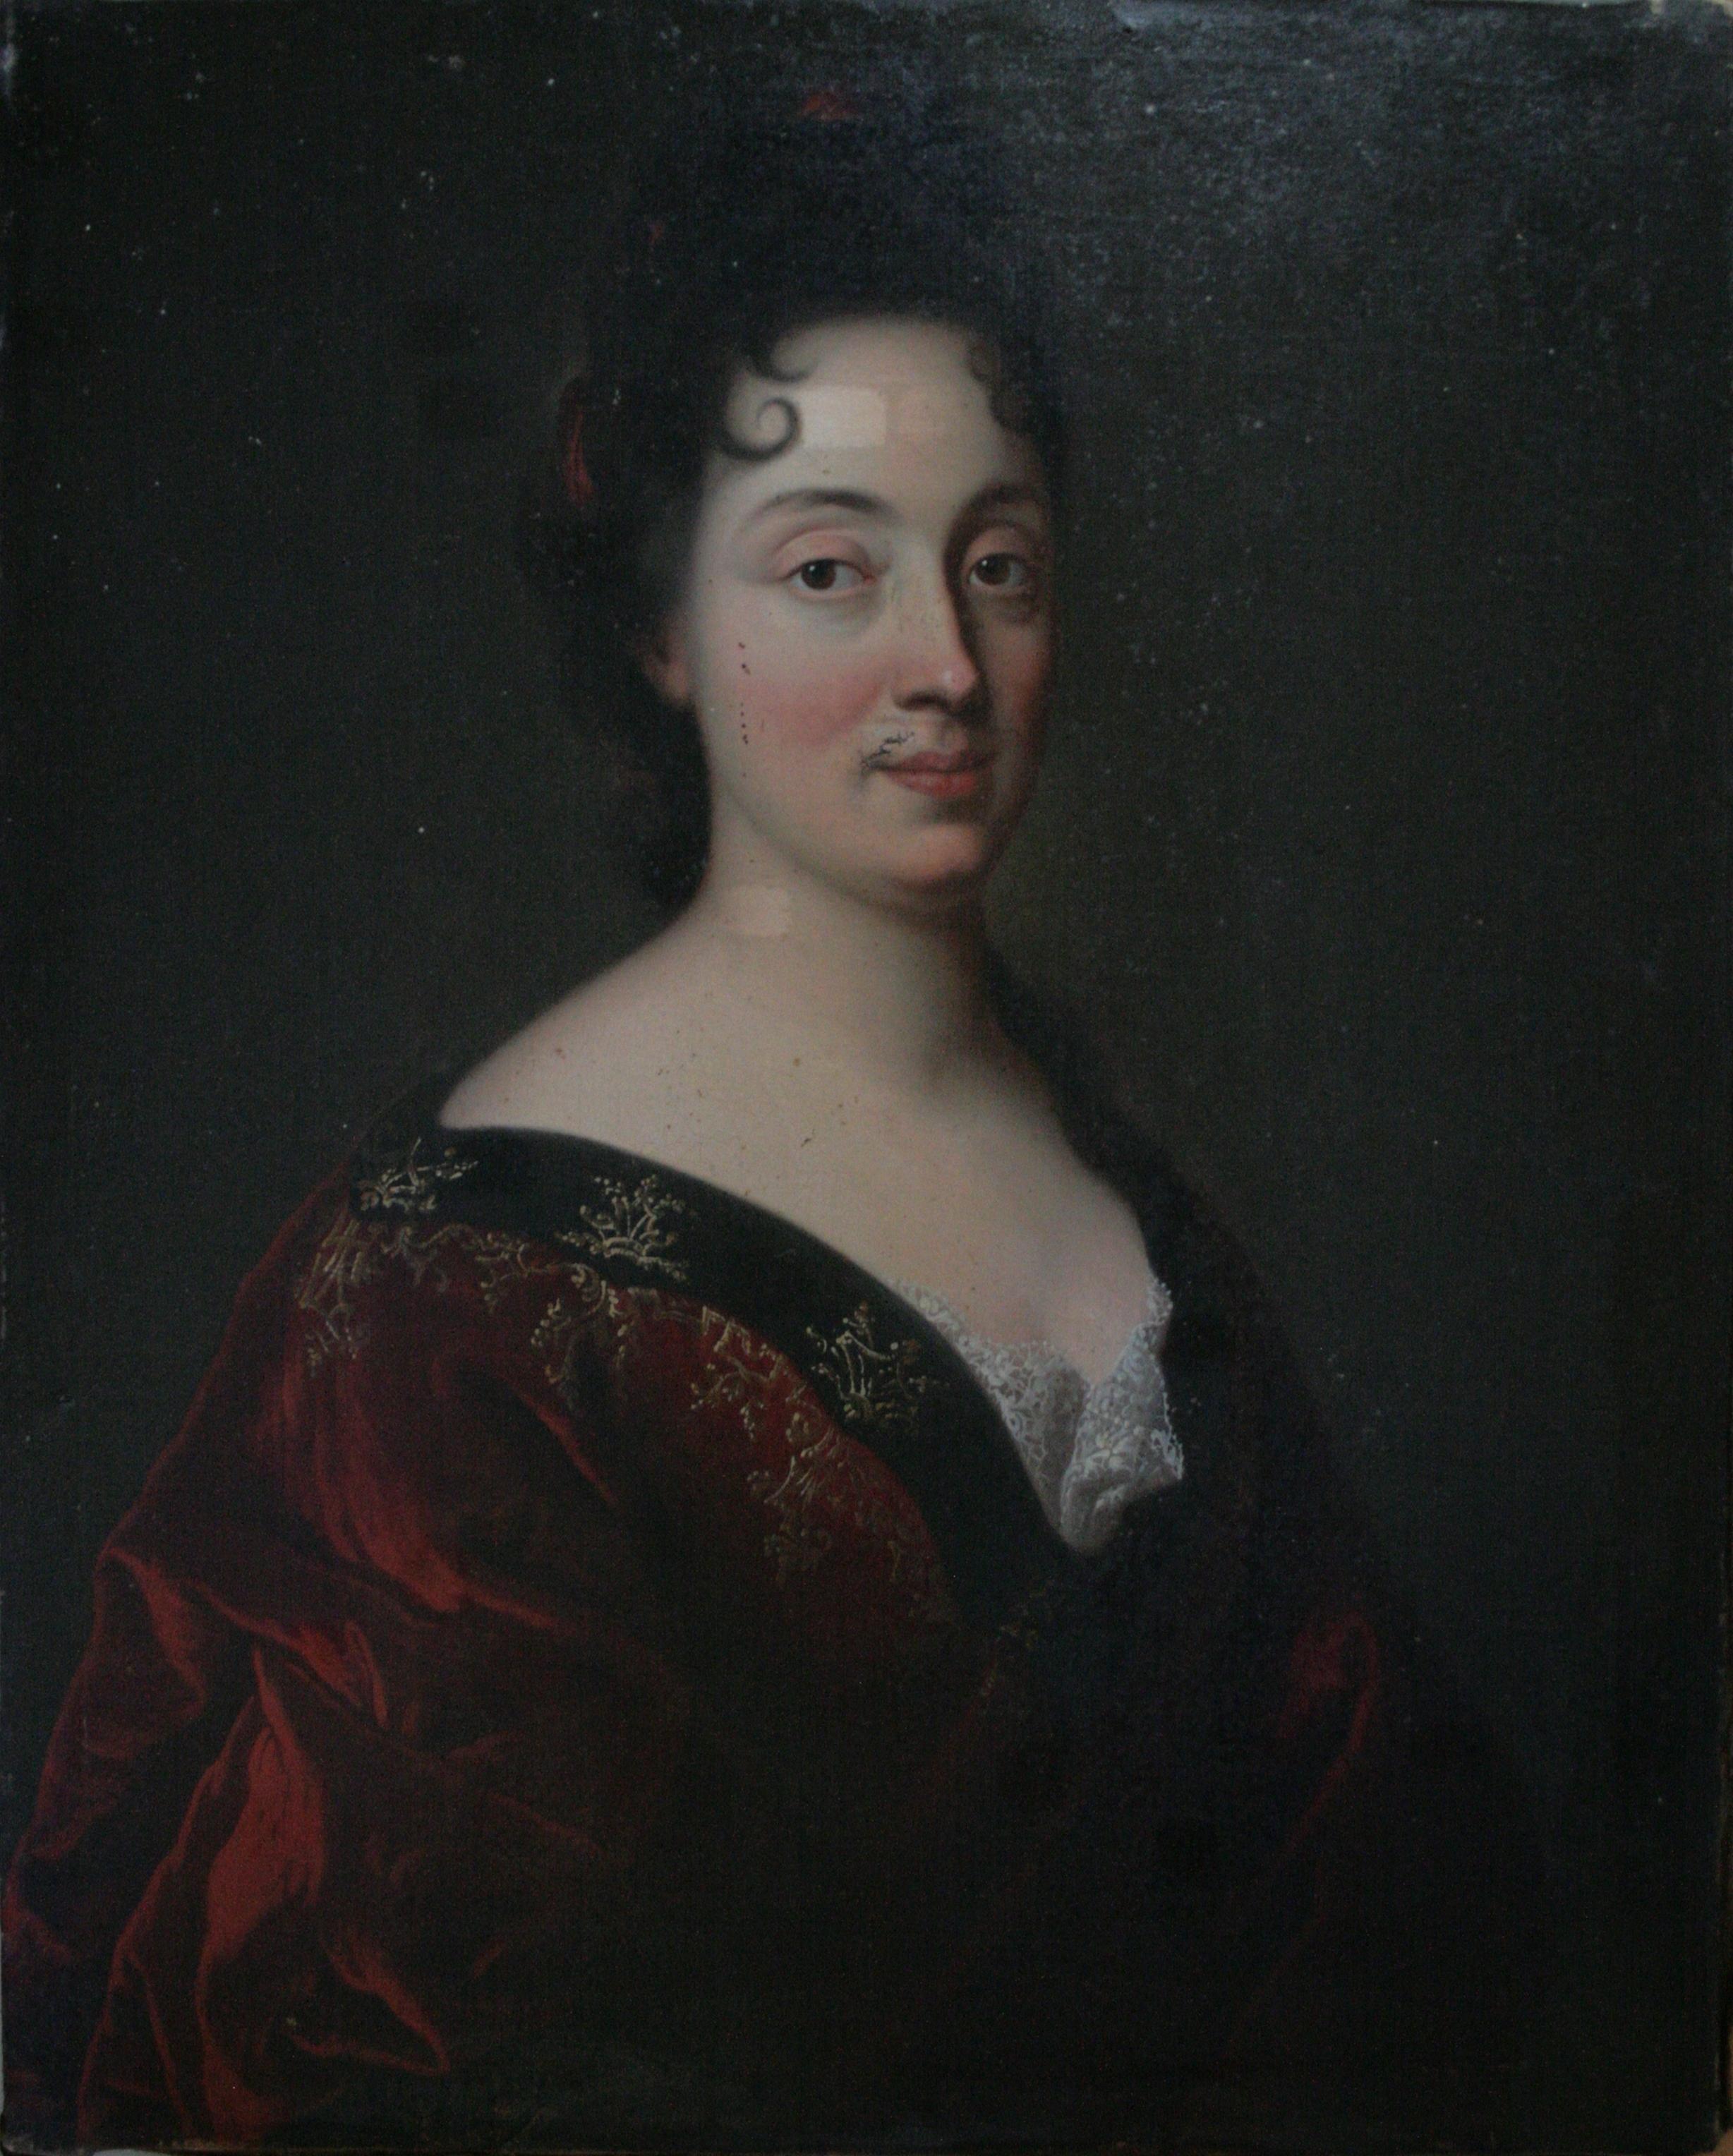 PORTRAIT DE FRANÇOISE FAUDELDE FAUVERESSE (1650-1741) - Anonyme, (Hyp. XVIIe et/ou XVIIIe siècle) - Peinture à l'huile sur toile